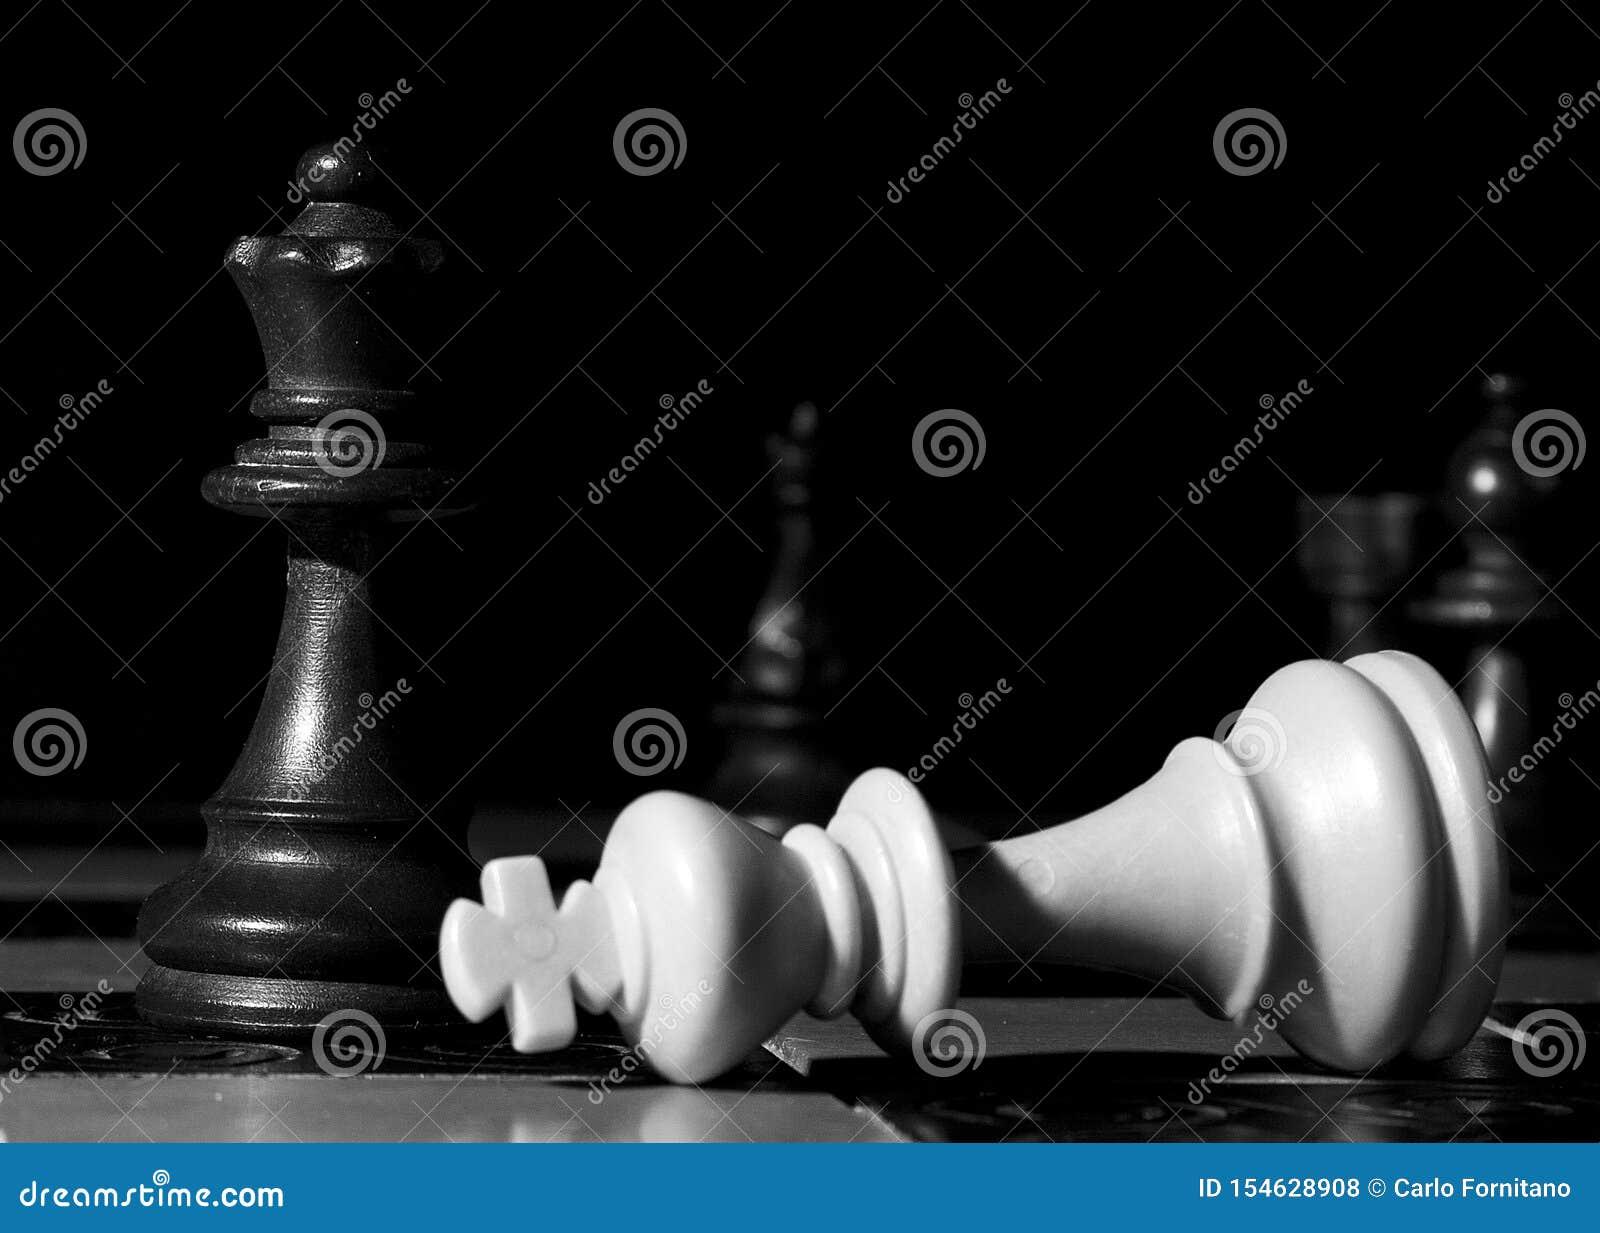 Ajedrez fotografiado en un tablero de ajedrez